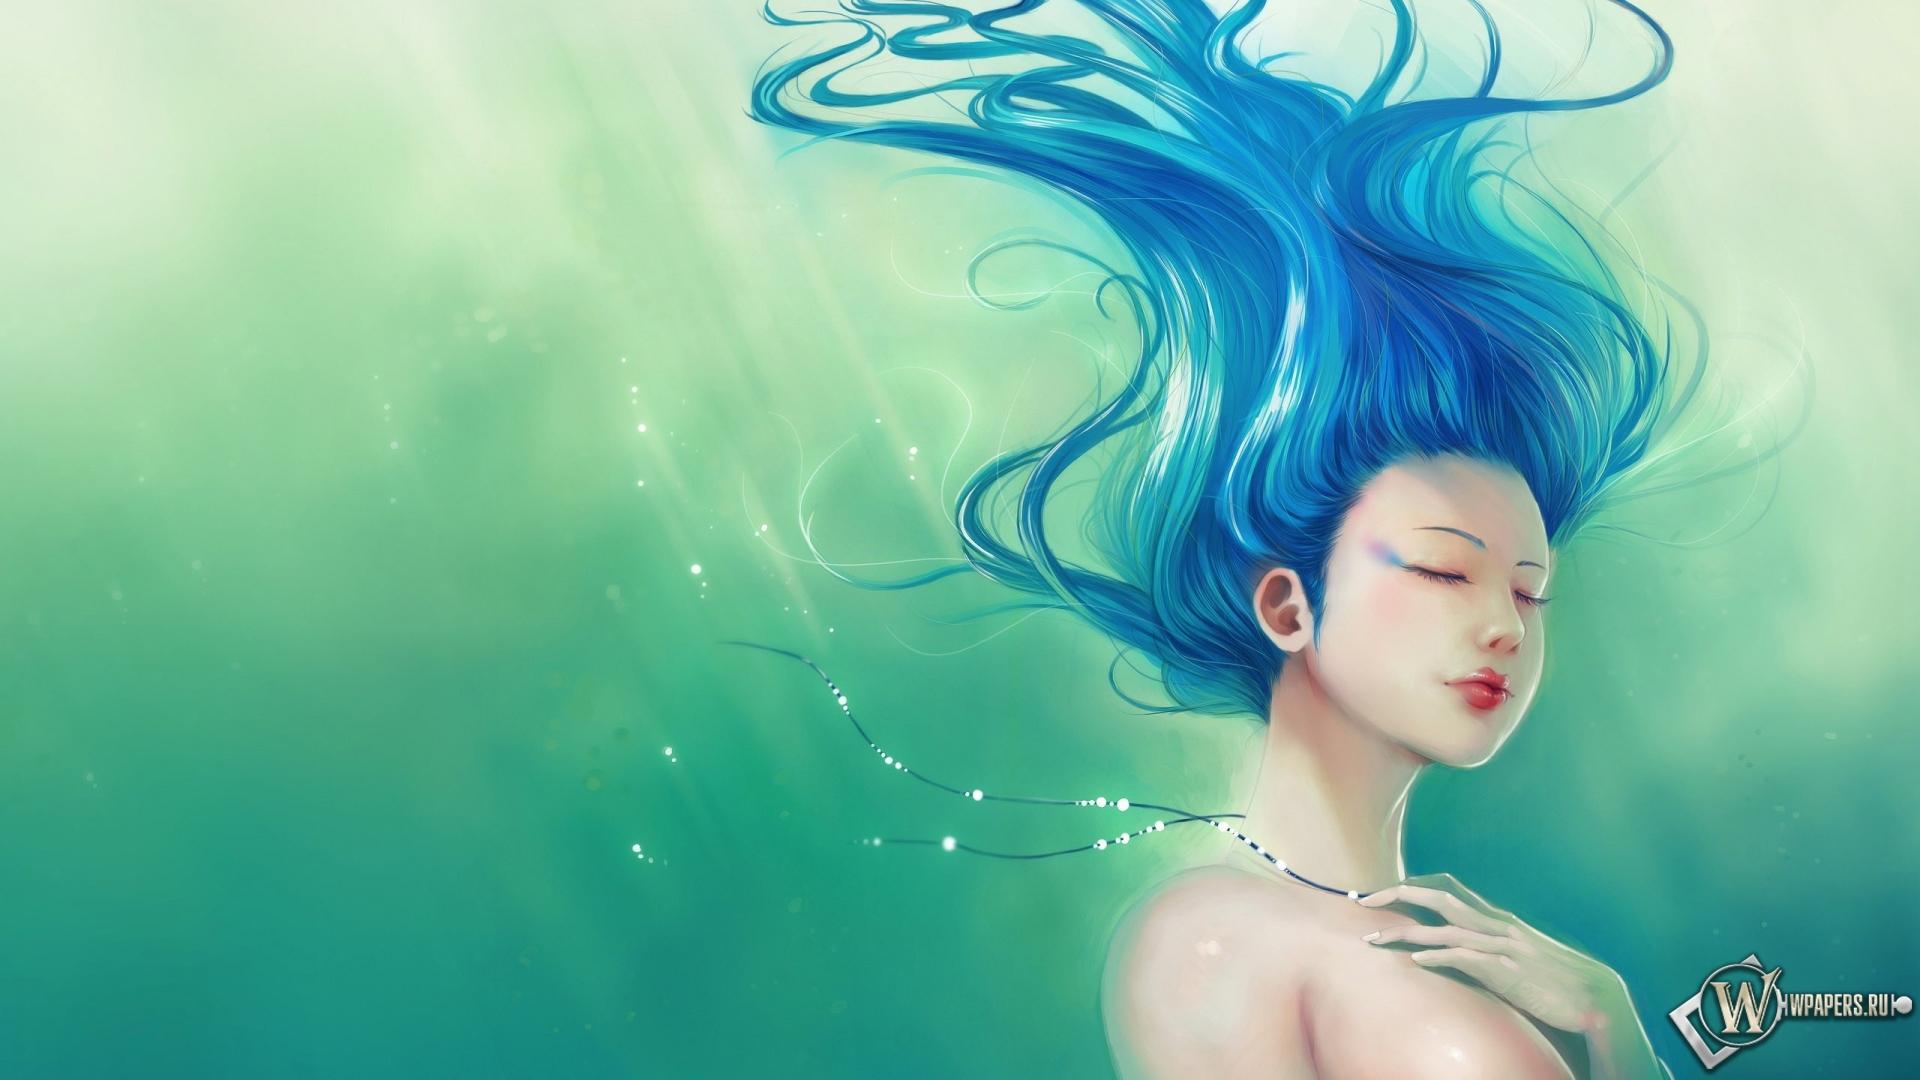 Девушка из воды 1920x1080